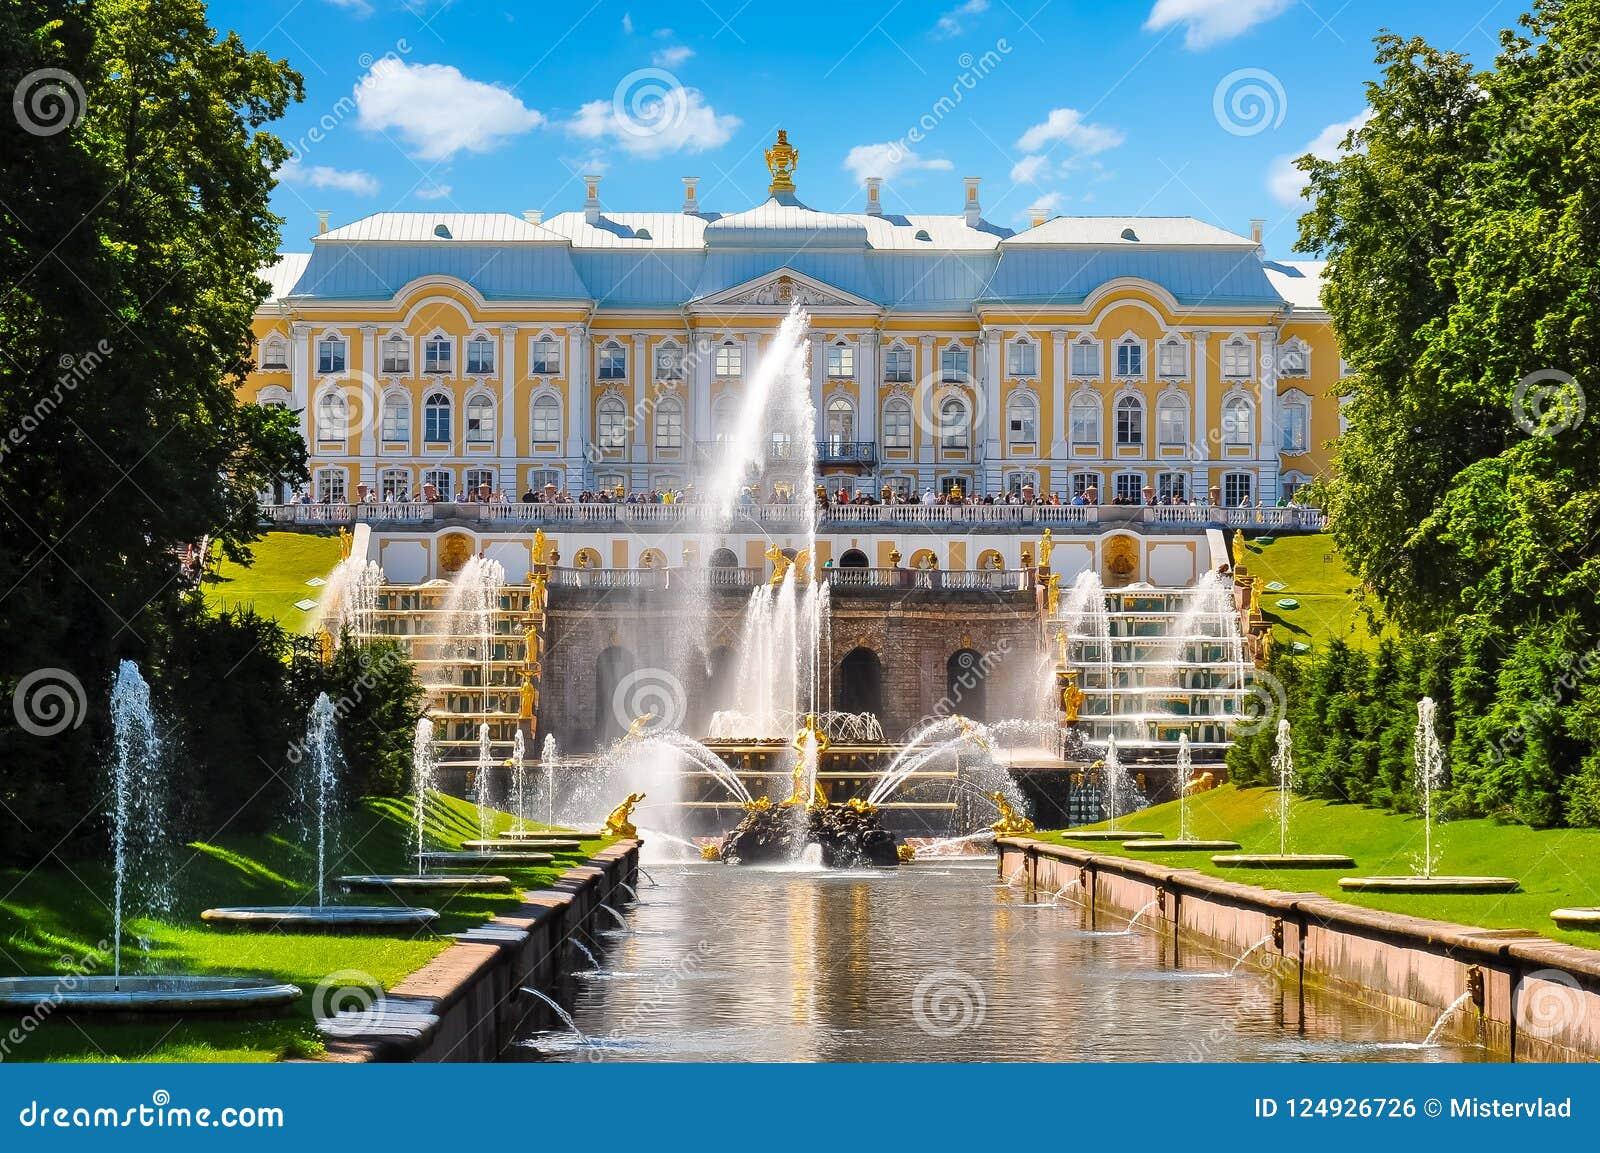 Μεγάλος καταρράκτης του παλατιού Peterhof, της πηγής Samson και της αλέας πηγών, Άγιος Πετρούπολη, Ρωσία